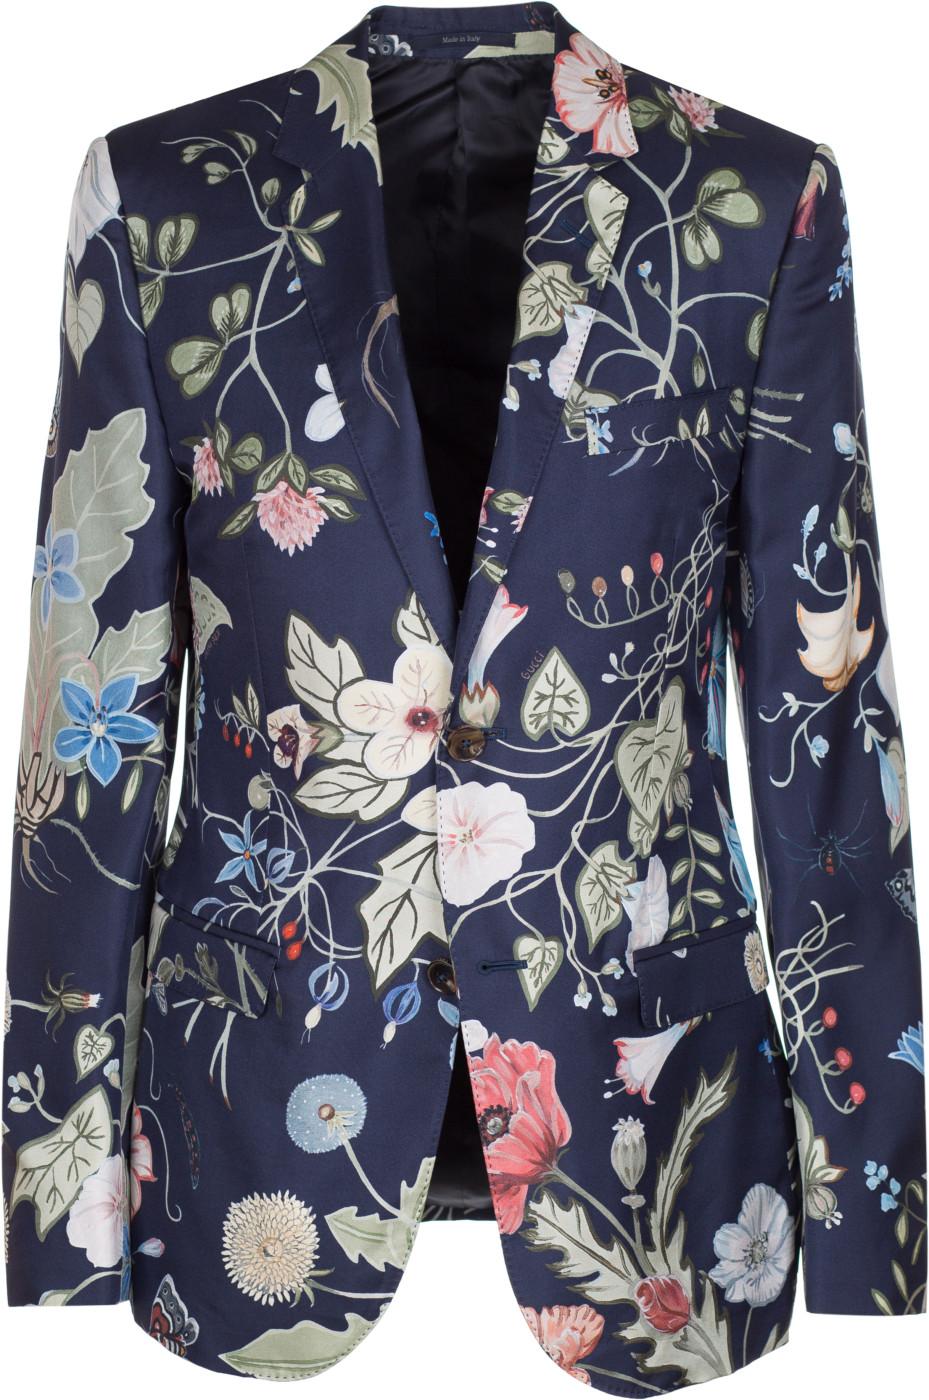 afaa66ff3 Gucci Men's Floral Kris Knight 100% Silk Twill Blazer Sport Coat Jacket